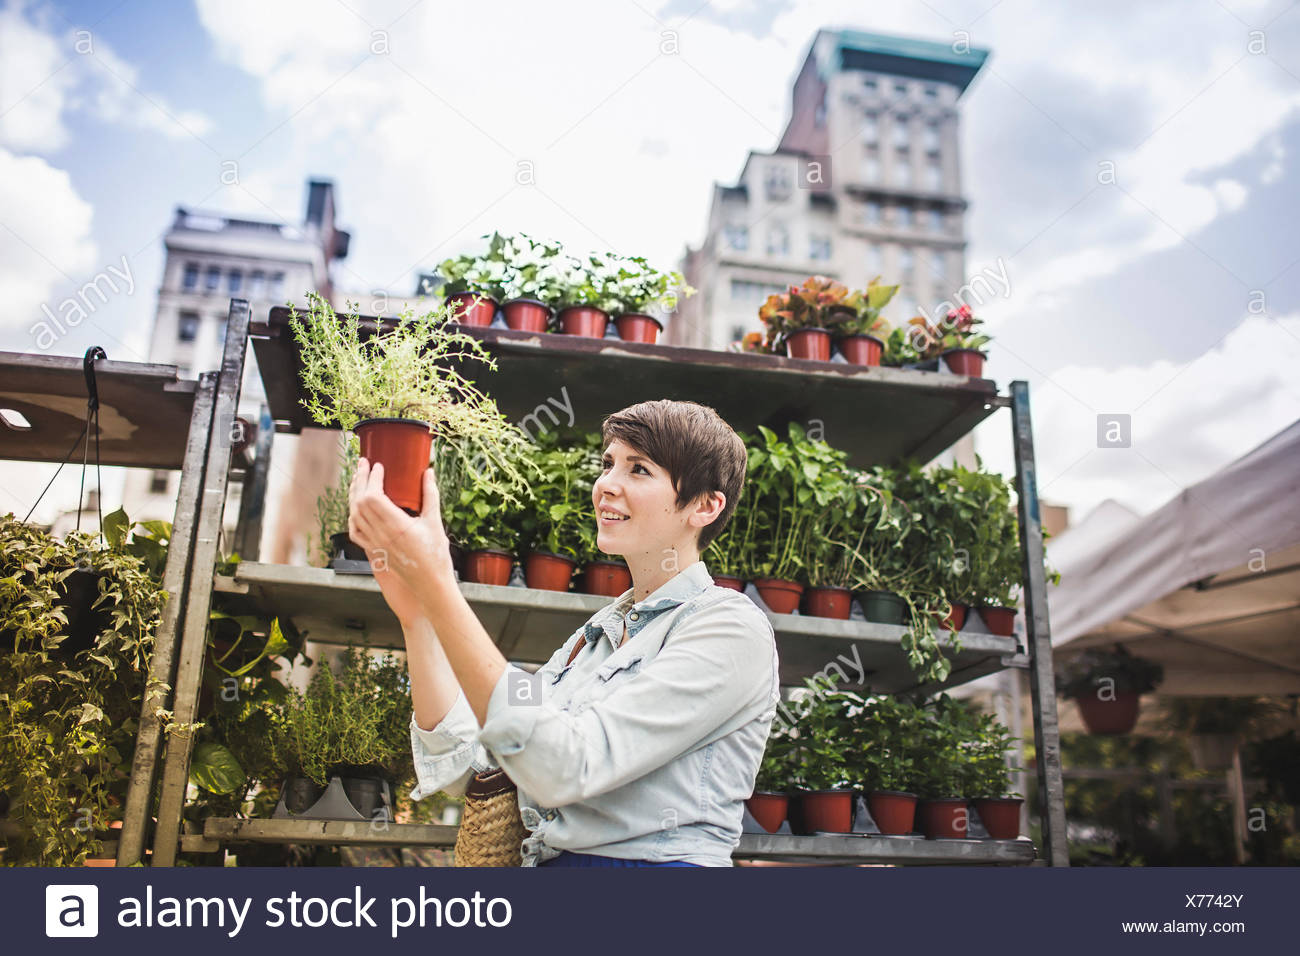 Frau shopping im Pflanzenmarkt Stockbild